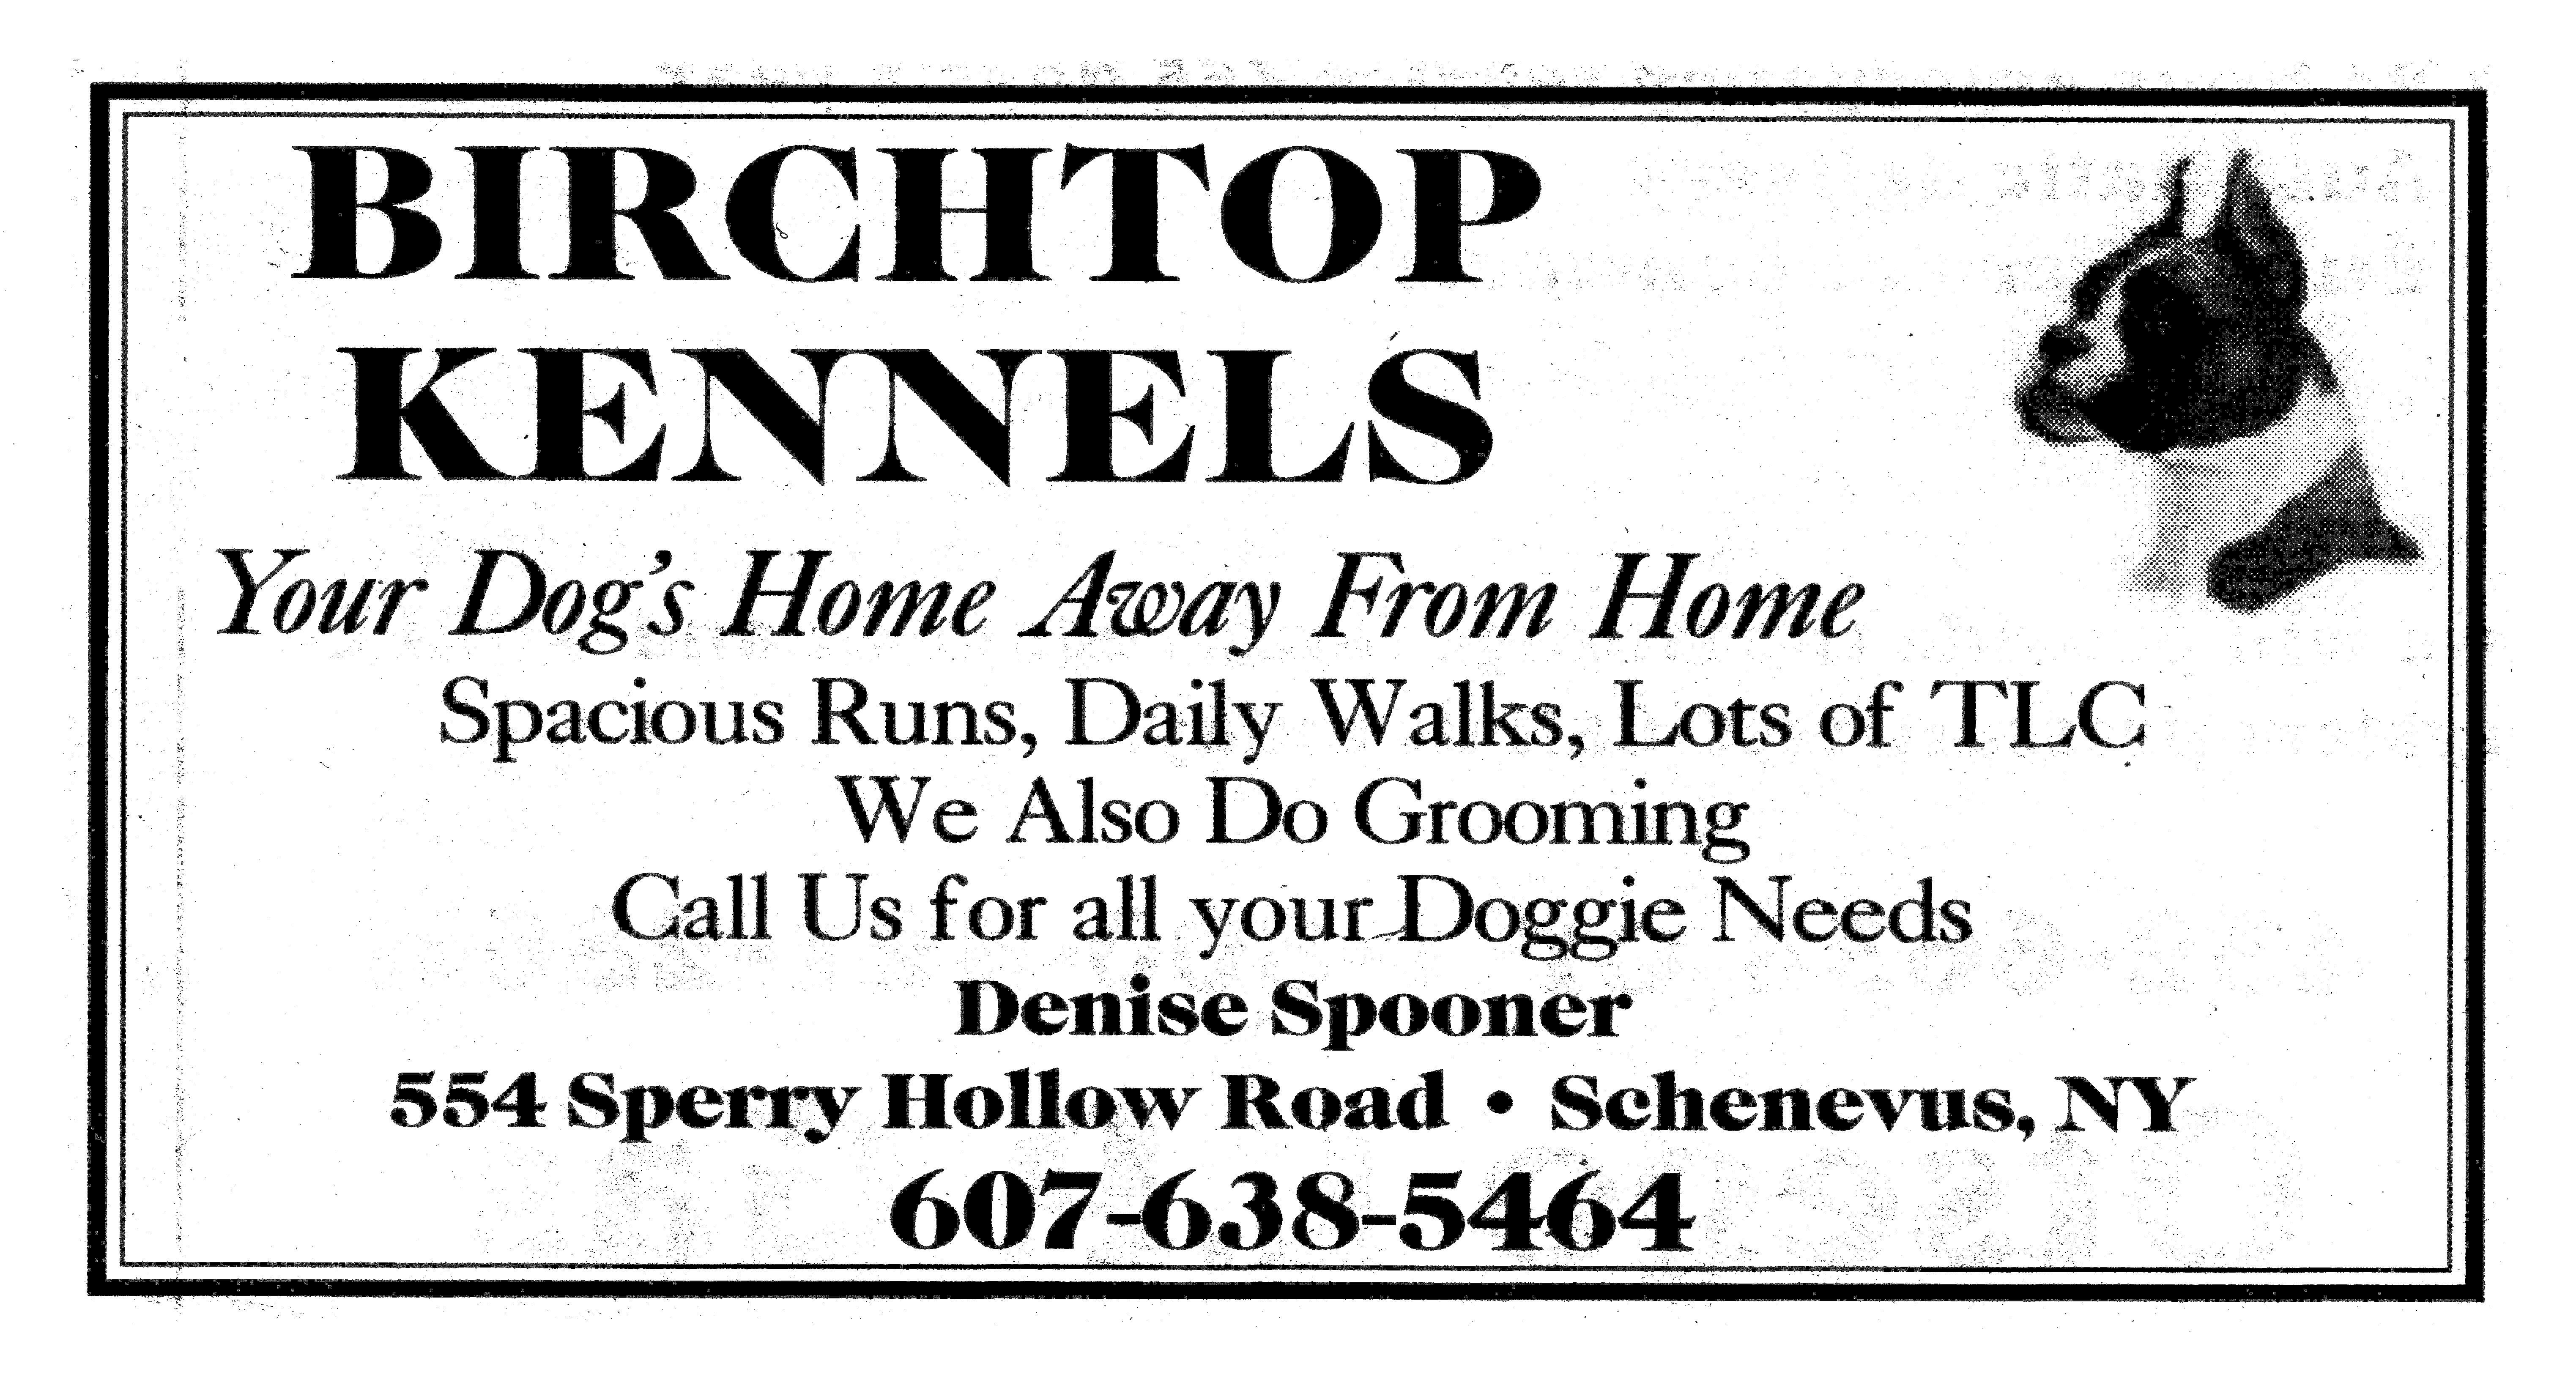 Birchtop Kennels